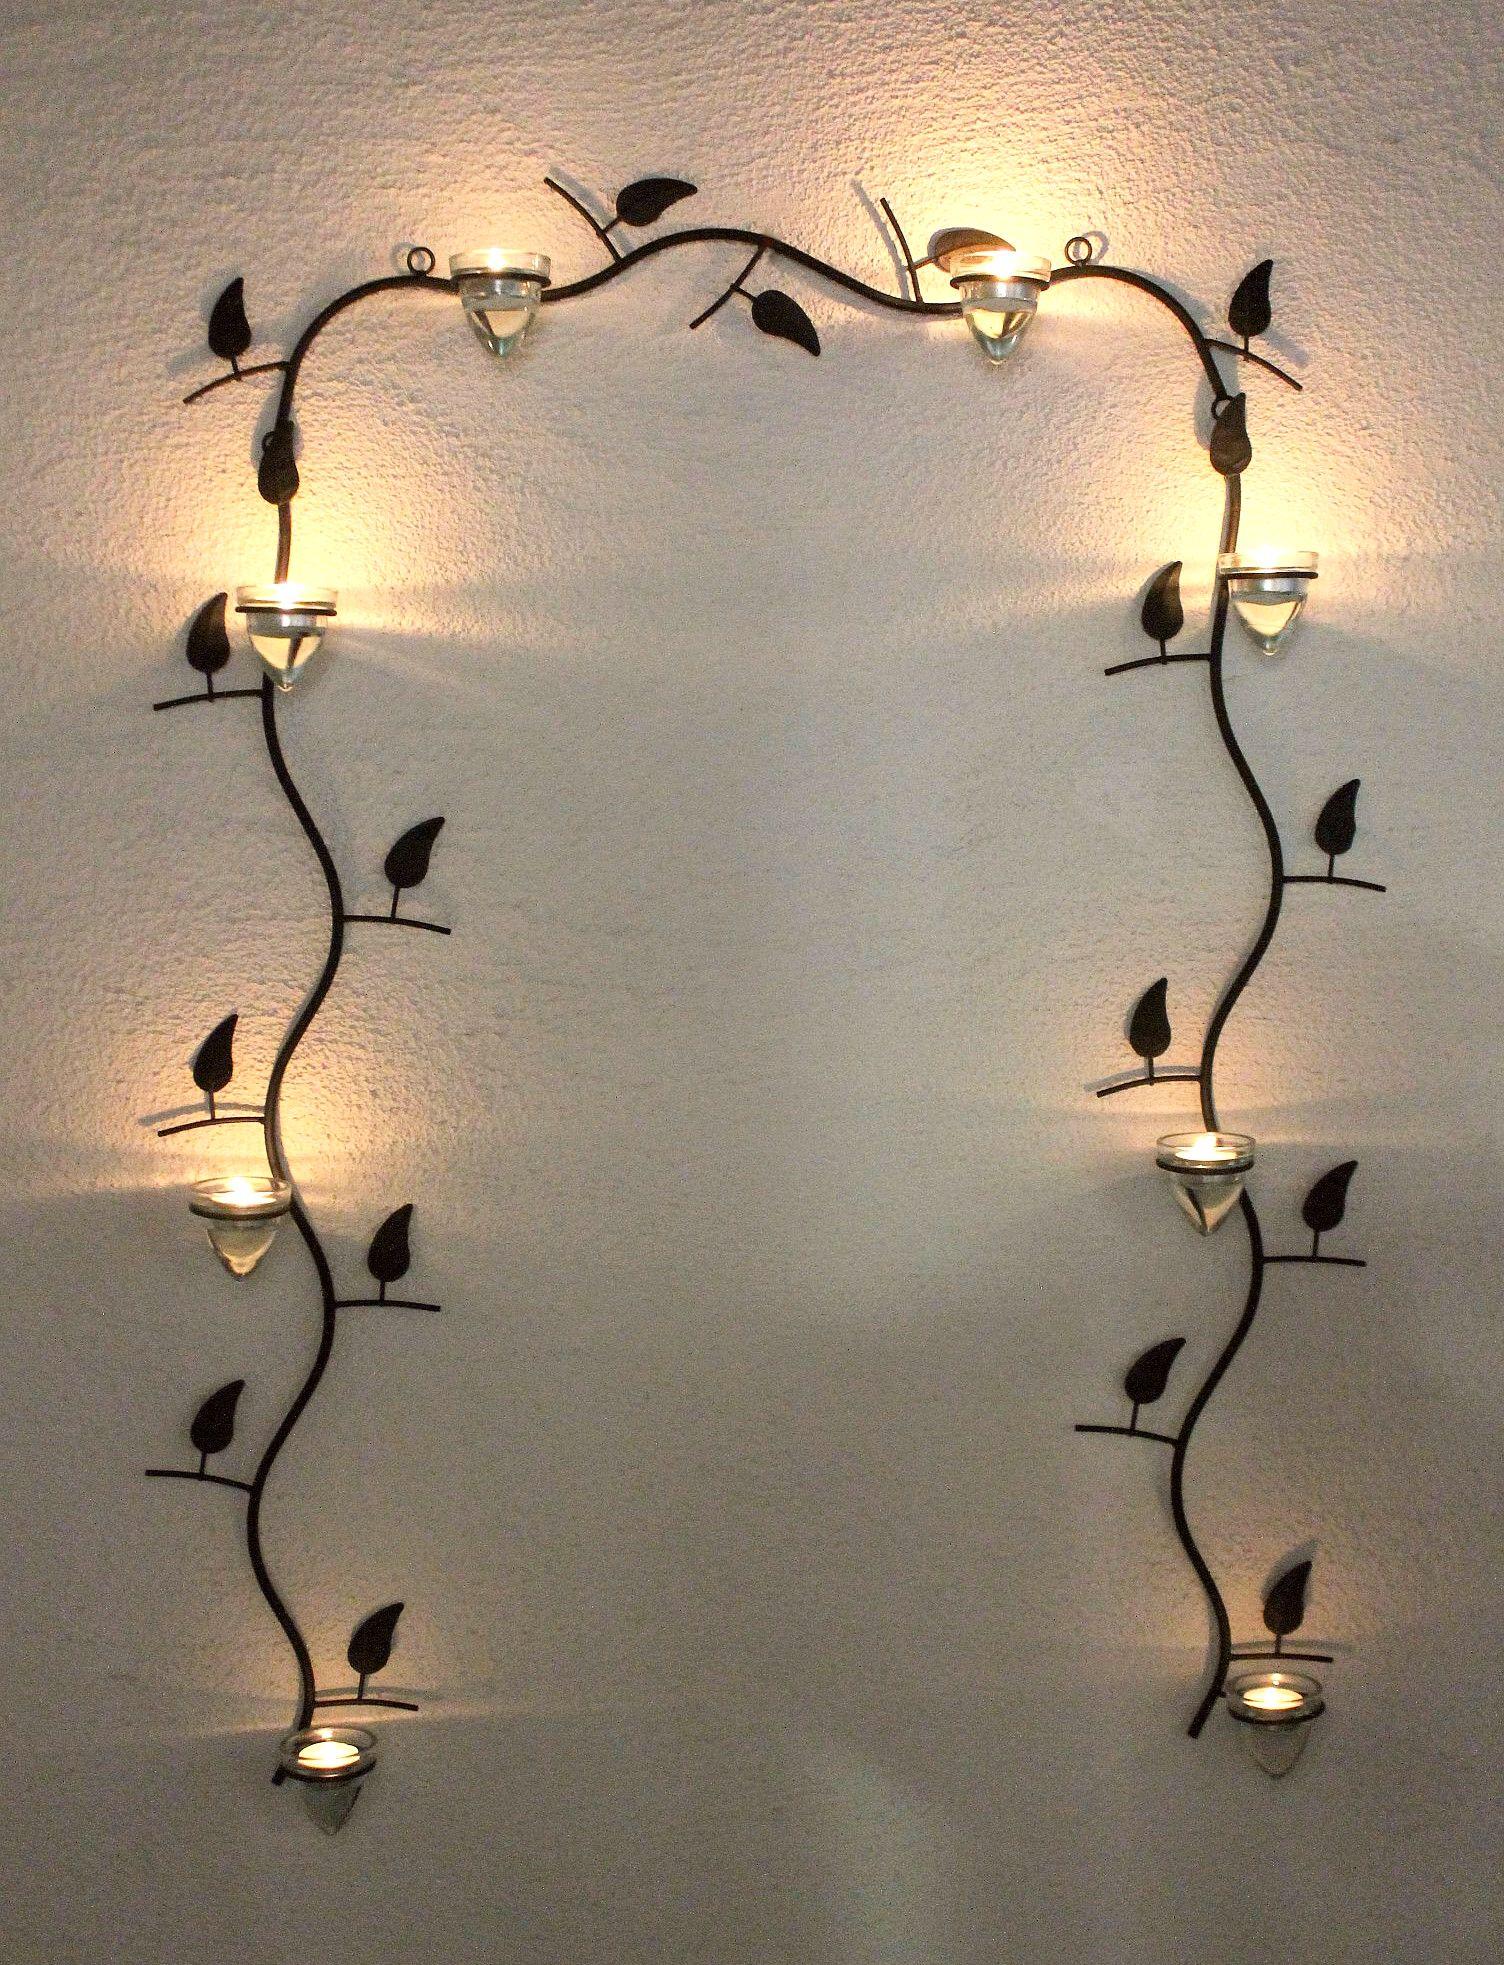 wandteelichthalter 10412 wandkerzenhalter aus metall 107 cm braun teelichthalter dandibo. Black Bedroom Furniture Sets. Home Design Ideas